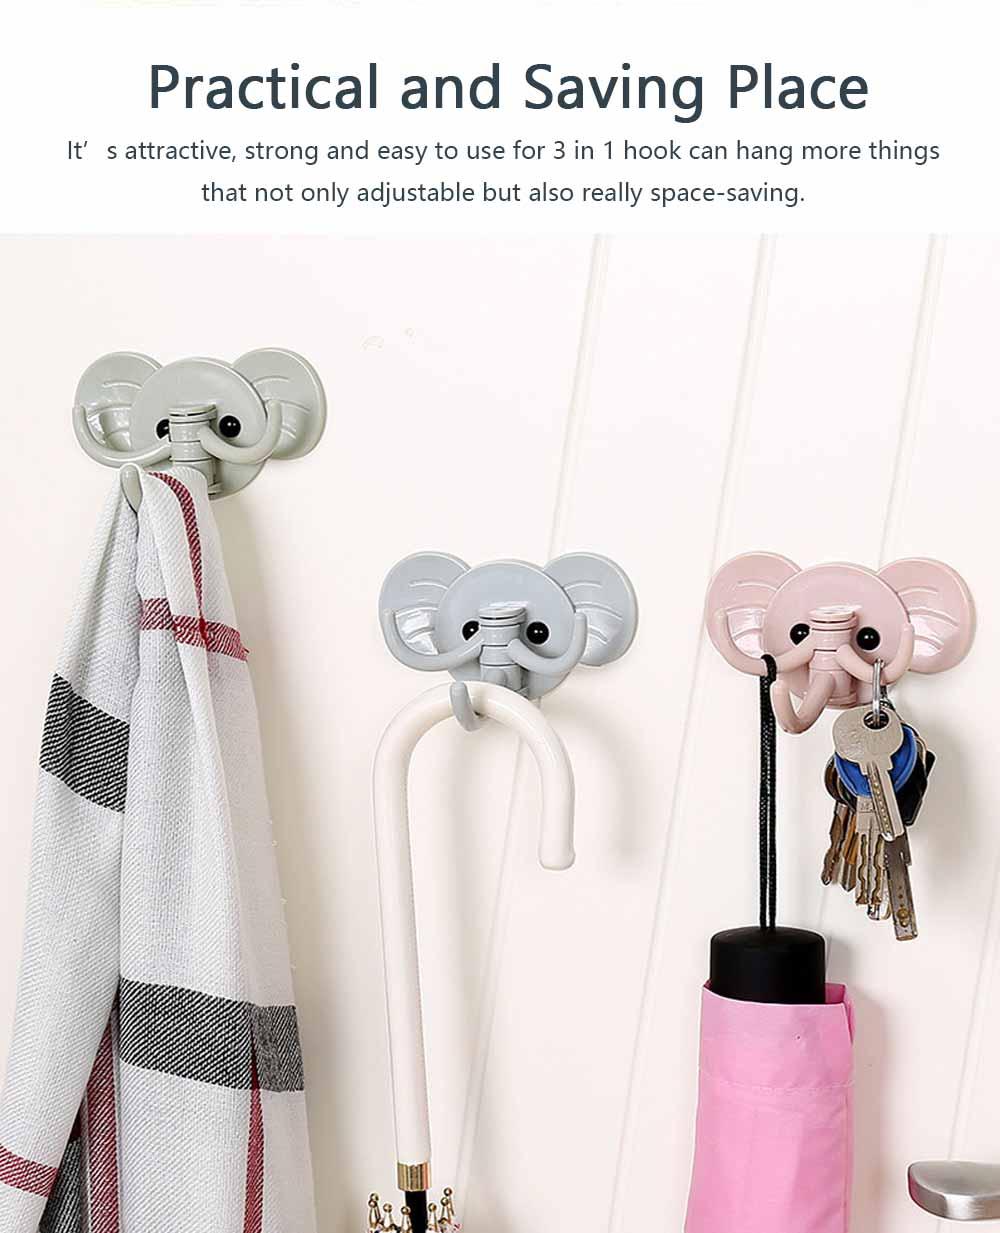 Cute Elephant Wall Sticky Hooks, Punch-Free, Waterproof Kitchen Bathroom Door Wall Hooks 5